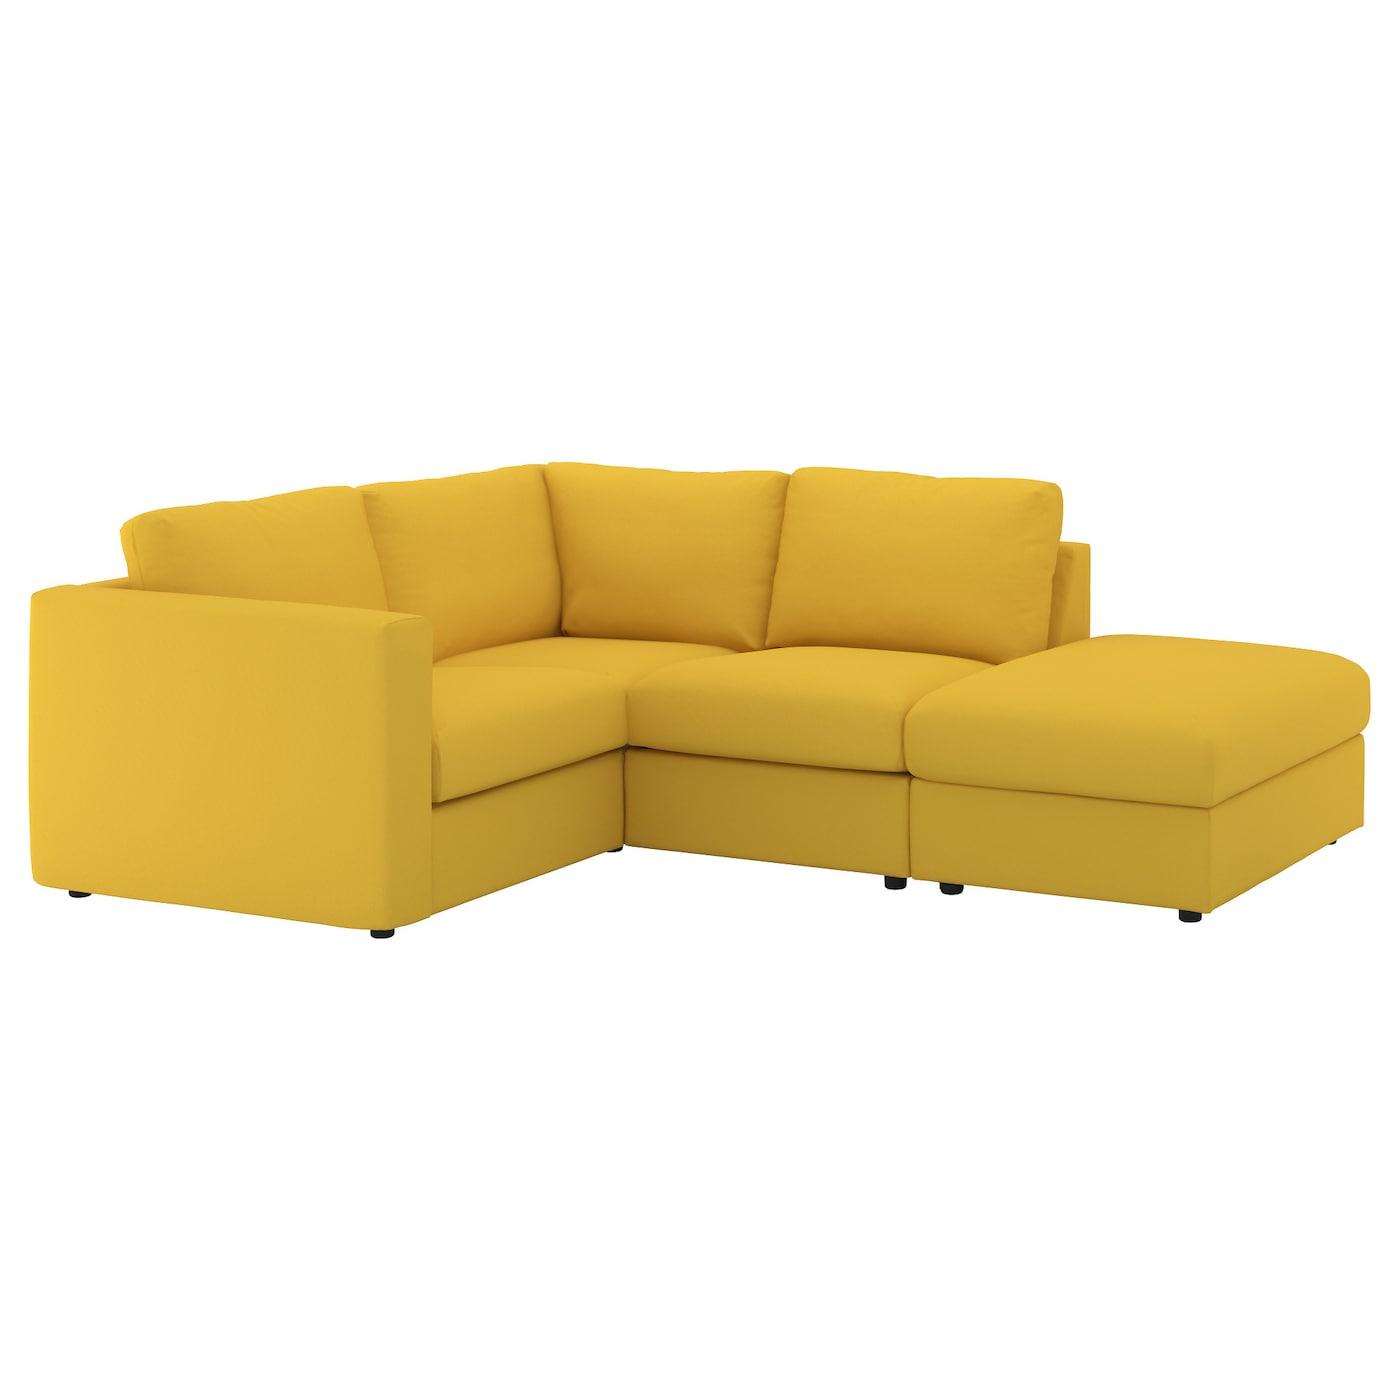 corner sofas ikea. Black Bedroom Furniture Sets. Home Design Ideas